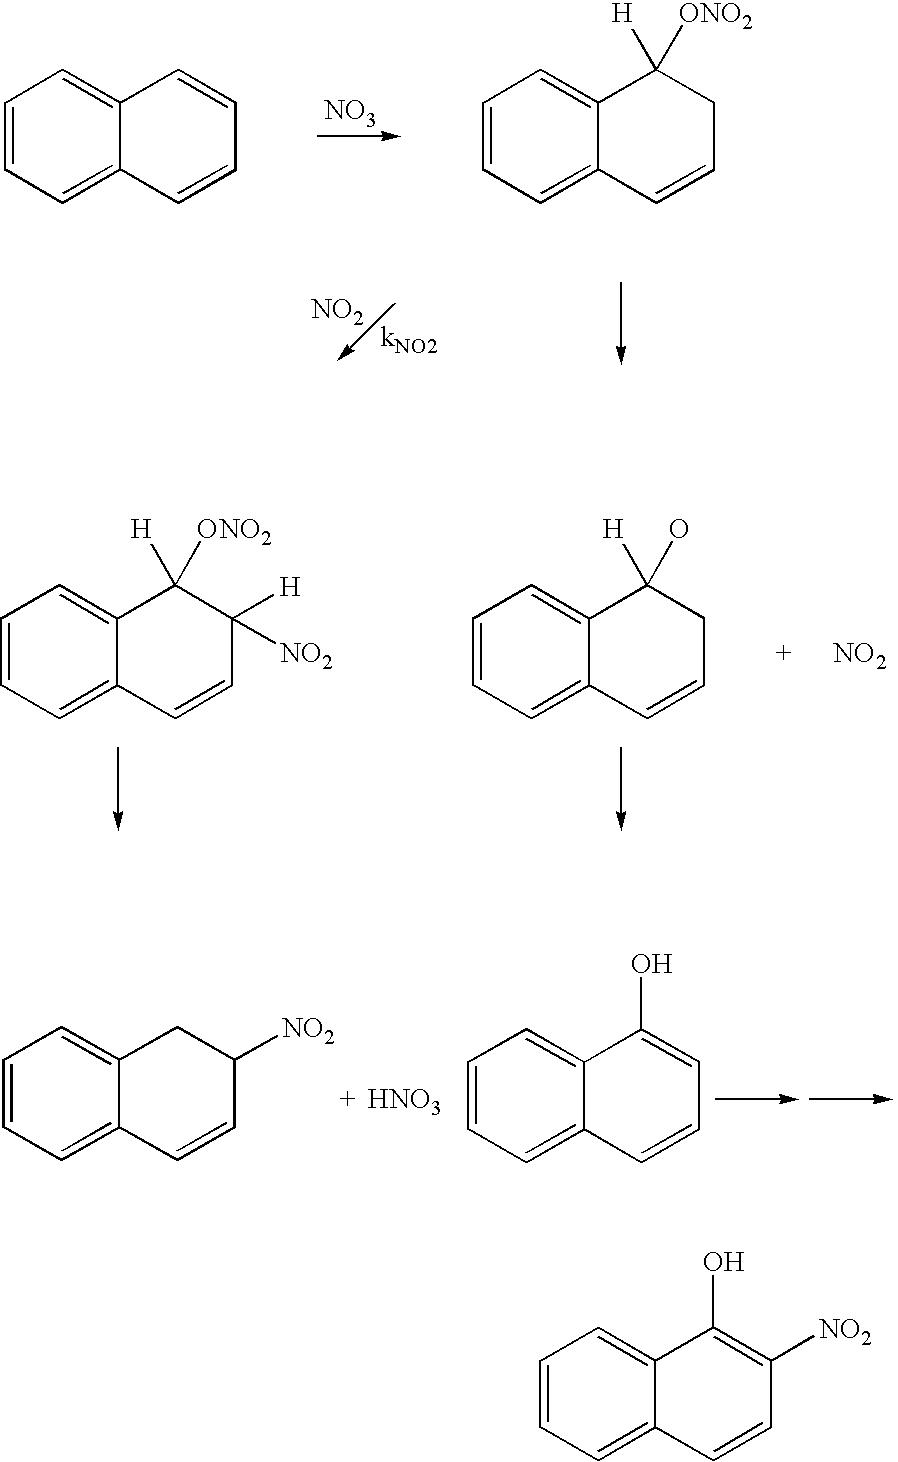 Figure US20060037621A1-20060223-C00002